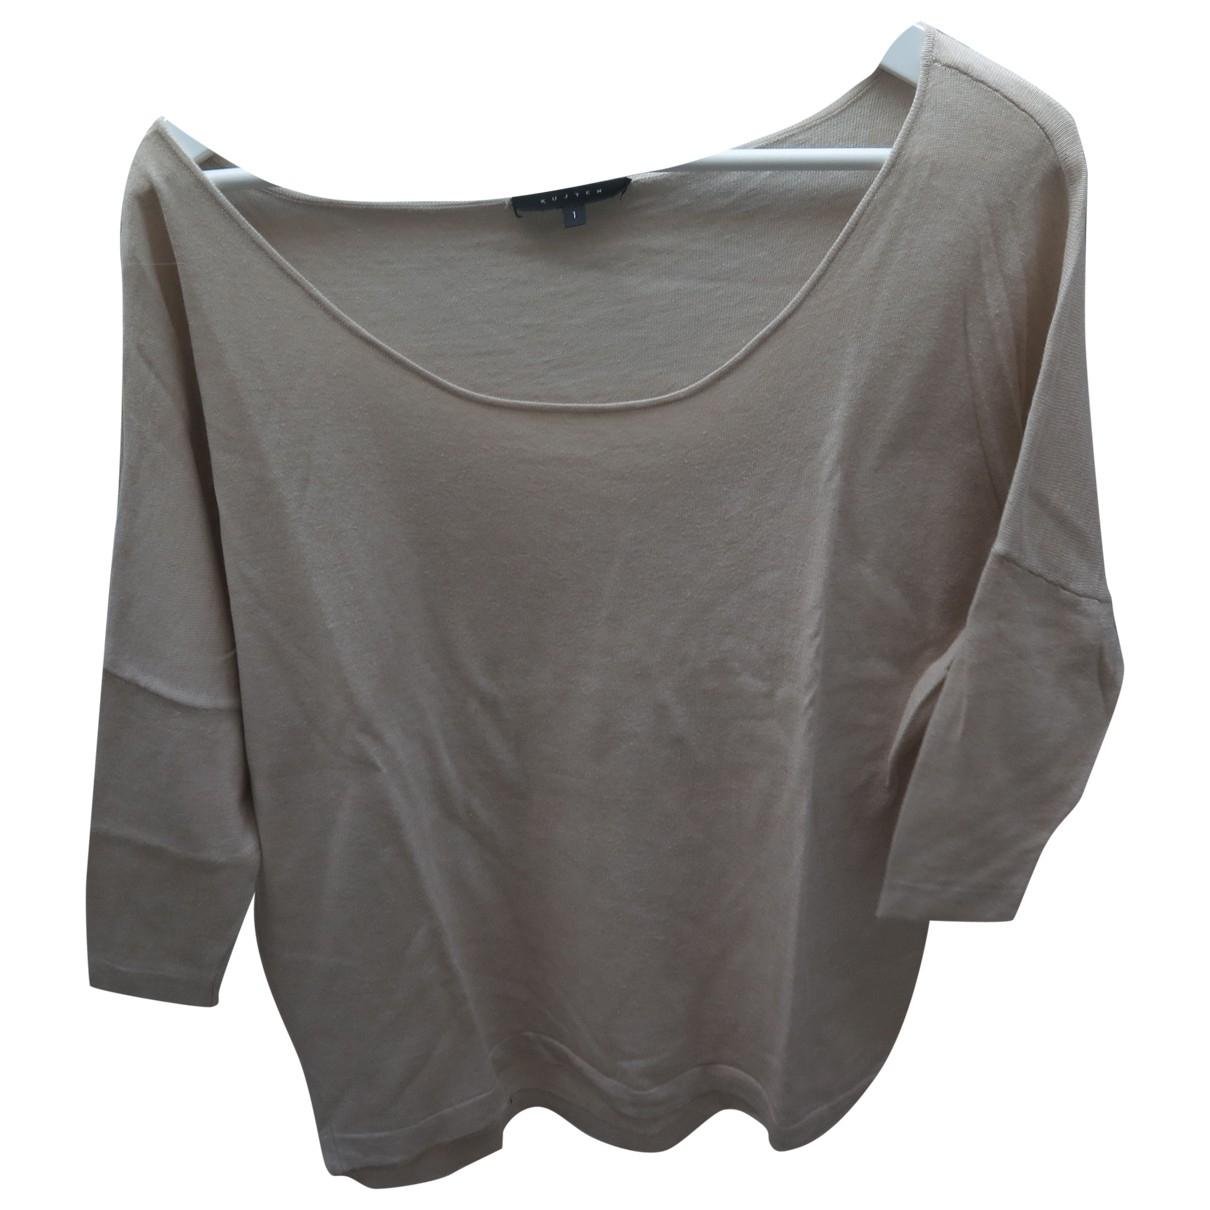 Kujten \N Beige Cashmere Knitwear for Women 1 0-5